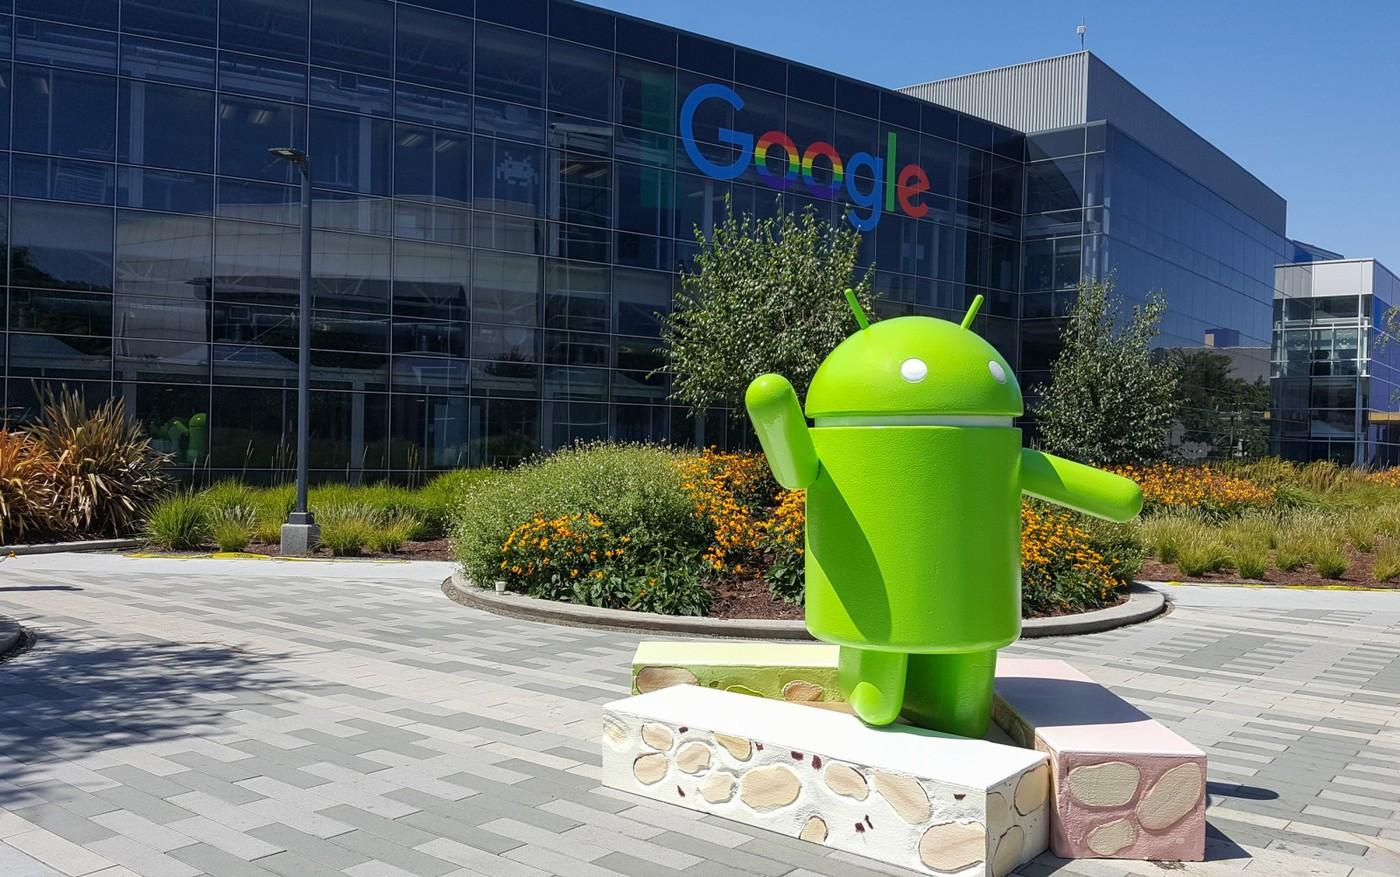 手遊轉蛋成了錢坑?Google Play要求業者公開中獎機率